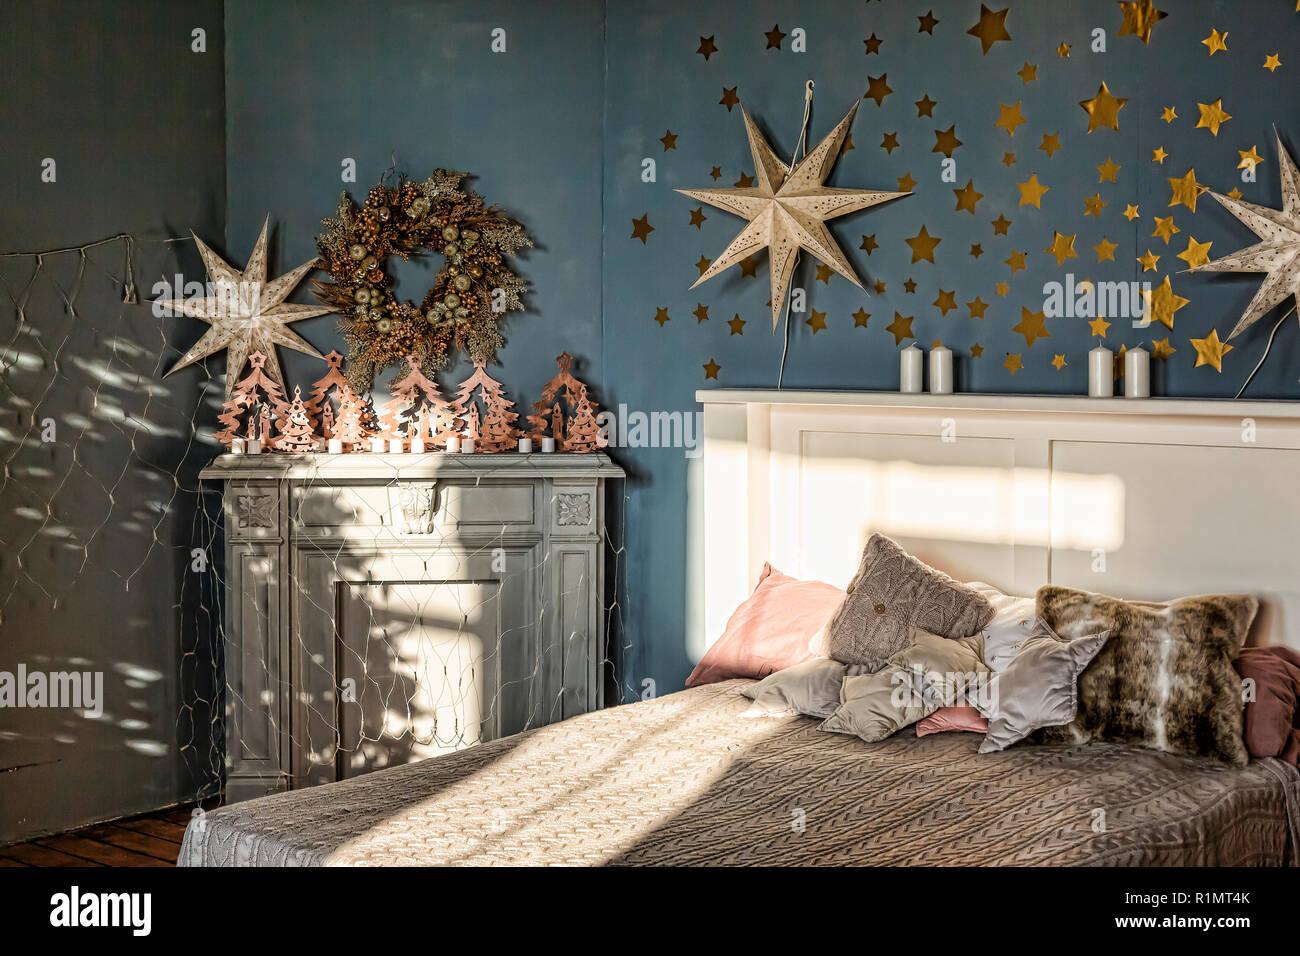 Natale, Capodanno, vacanza famiglia concetto. Camera da letto ...